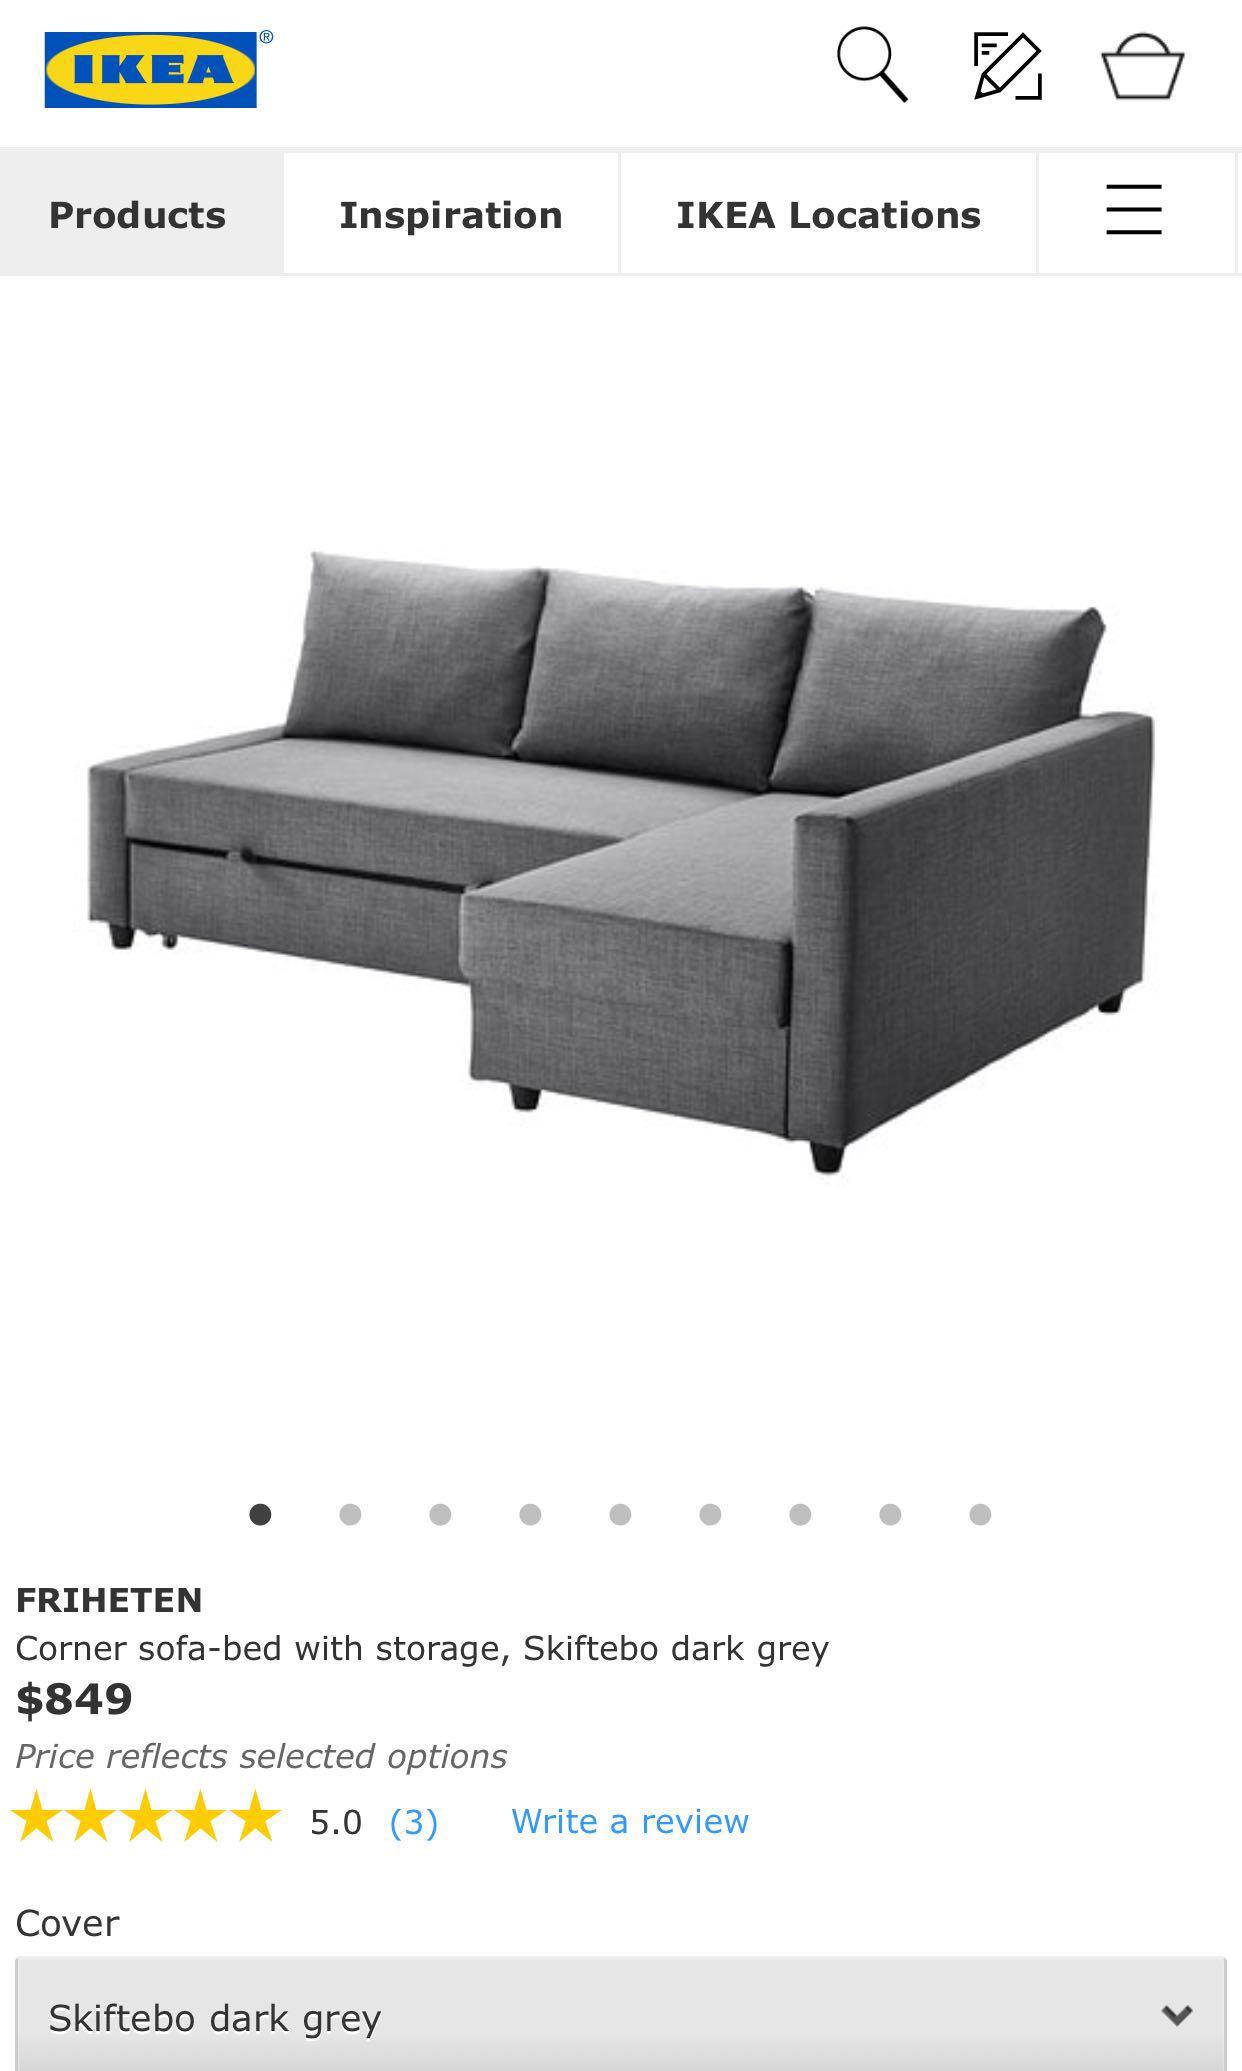 Slaapbank Ikea Friheten.Canape Ikea Friheten Orange Friheten Simple Ikea Friheten Living